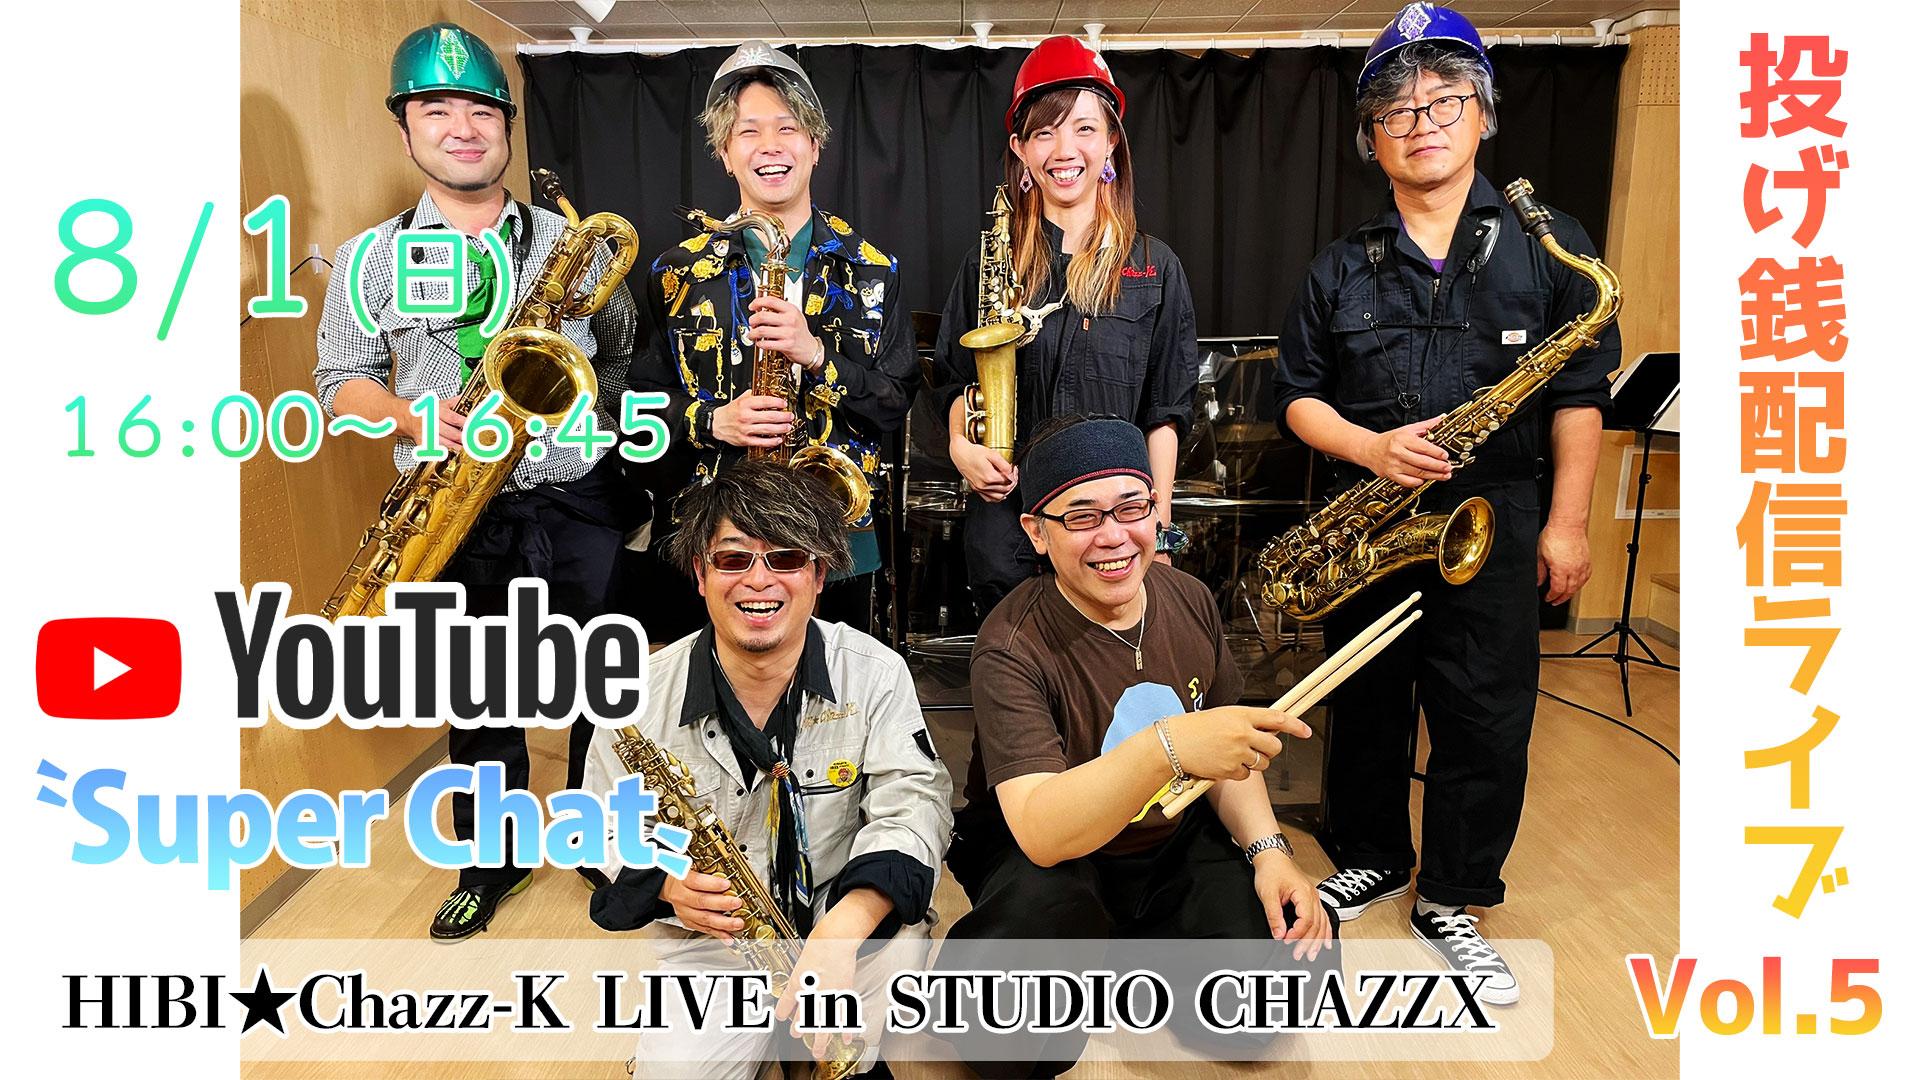 8/1(日)「HIBI★Chazz-K LIVE in STUDIO CHAZZX 〜 『VIVA!SPORTS!!』Super Chat投げ銭配信ライブ!Vol.5」